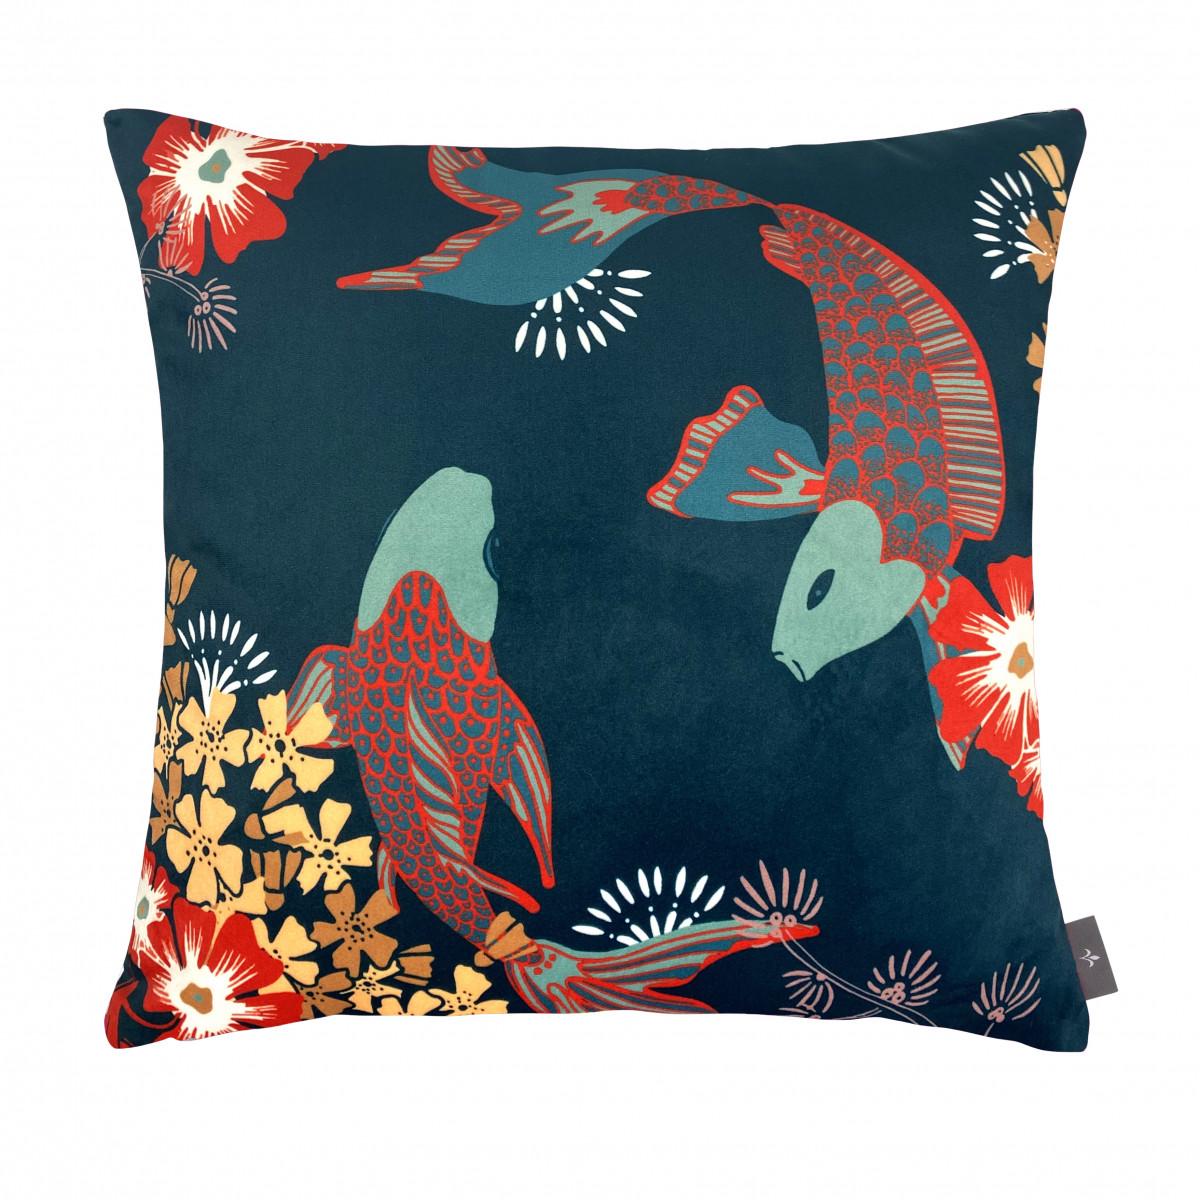 Coussin imprimé les poissons koï made in france bleu 47x47